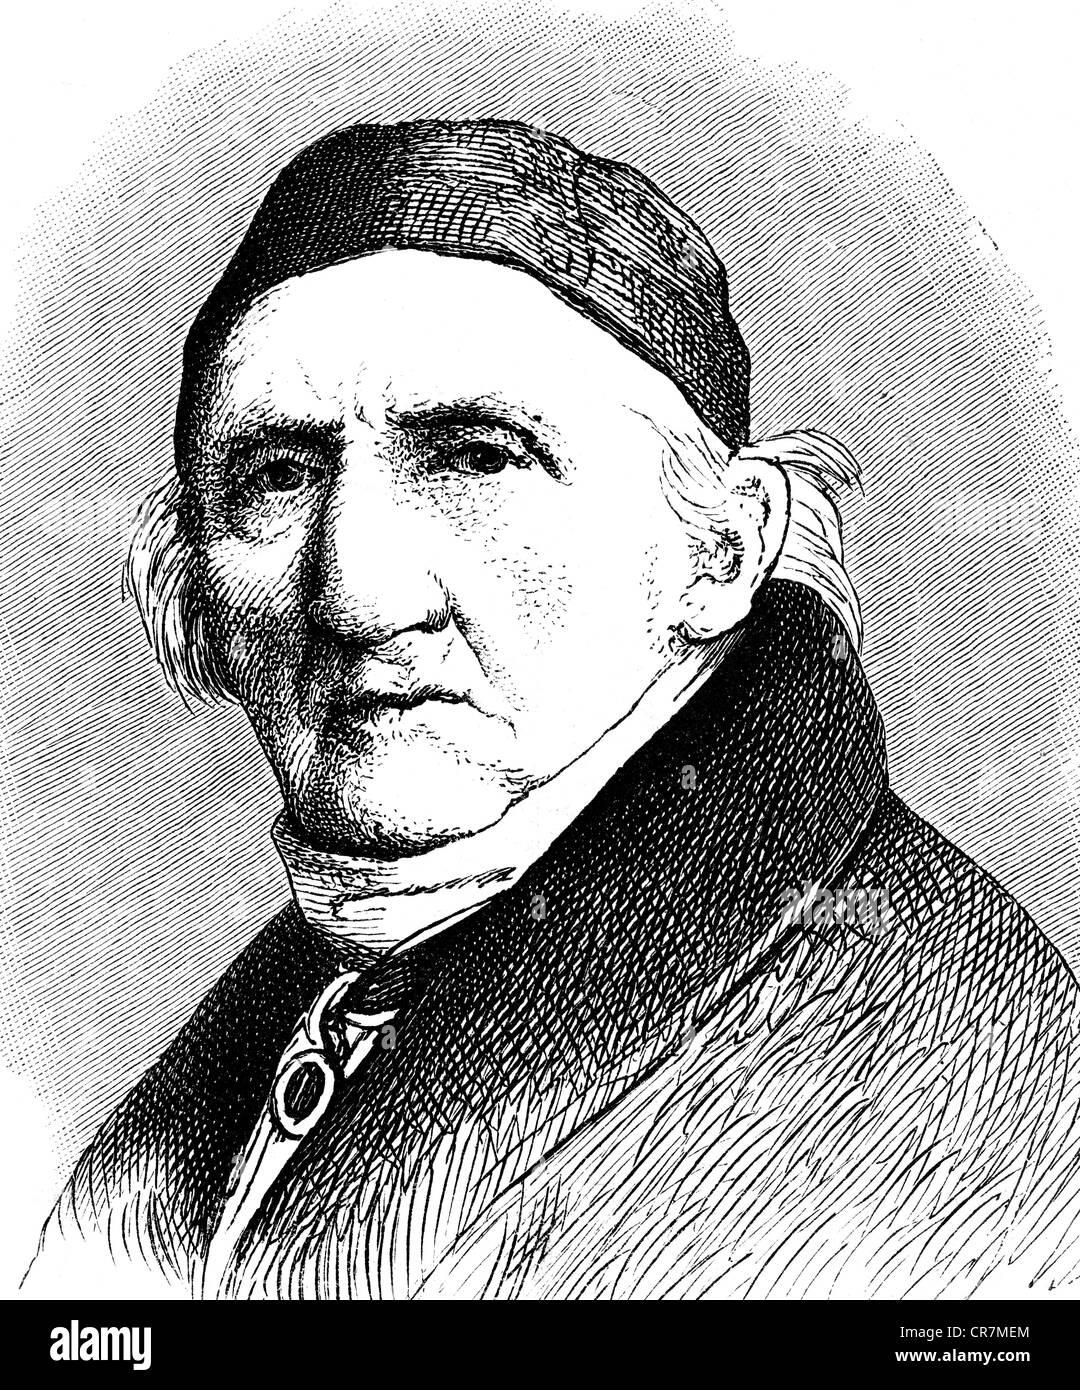 Schadow, Johann Gottfried, 20.5.1764 - 27.1.1850, sculpteur et graphiste allemand, portrait, gravure sur bois, XIXe siècle, Banque D'Images